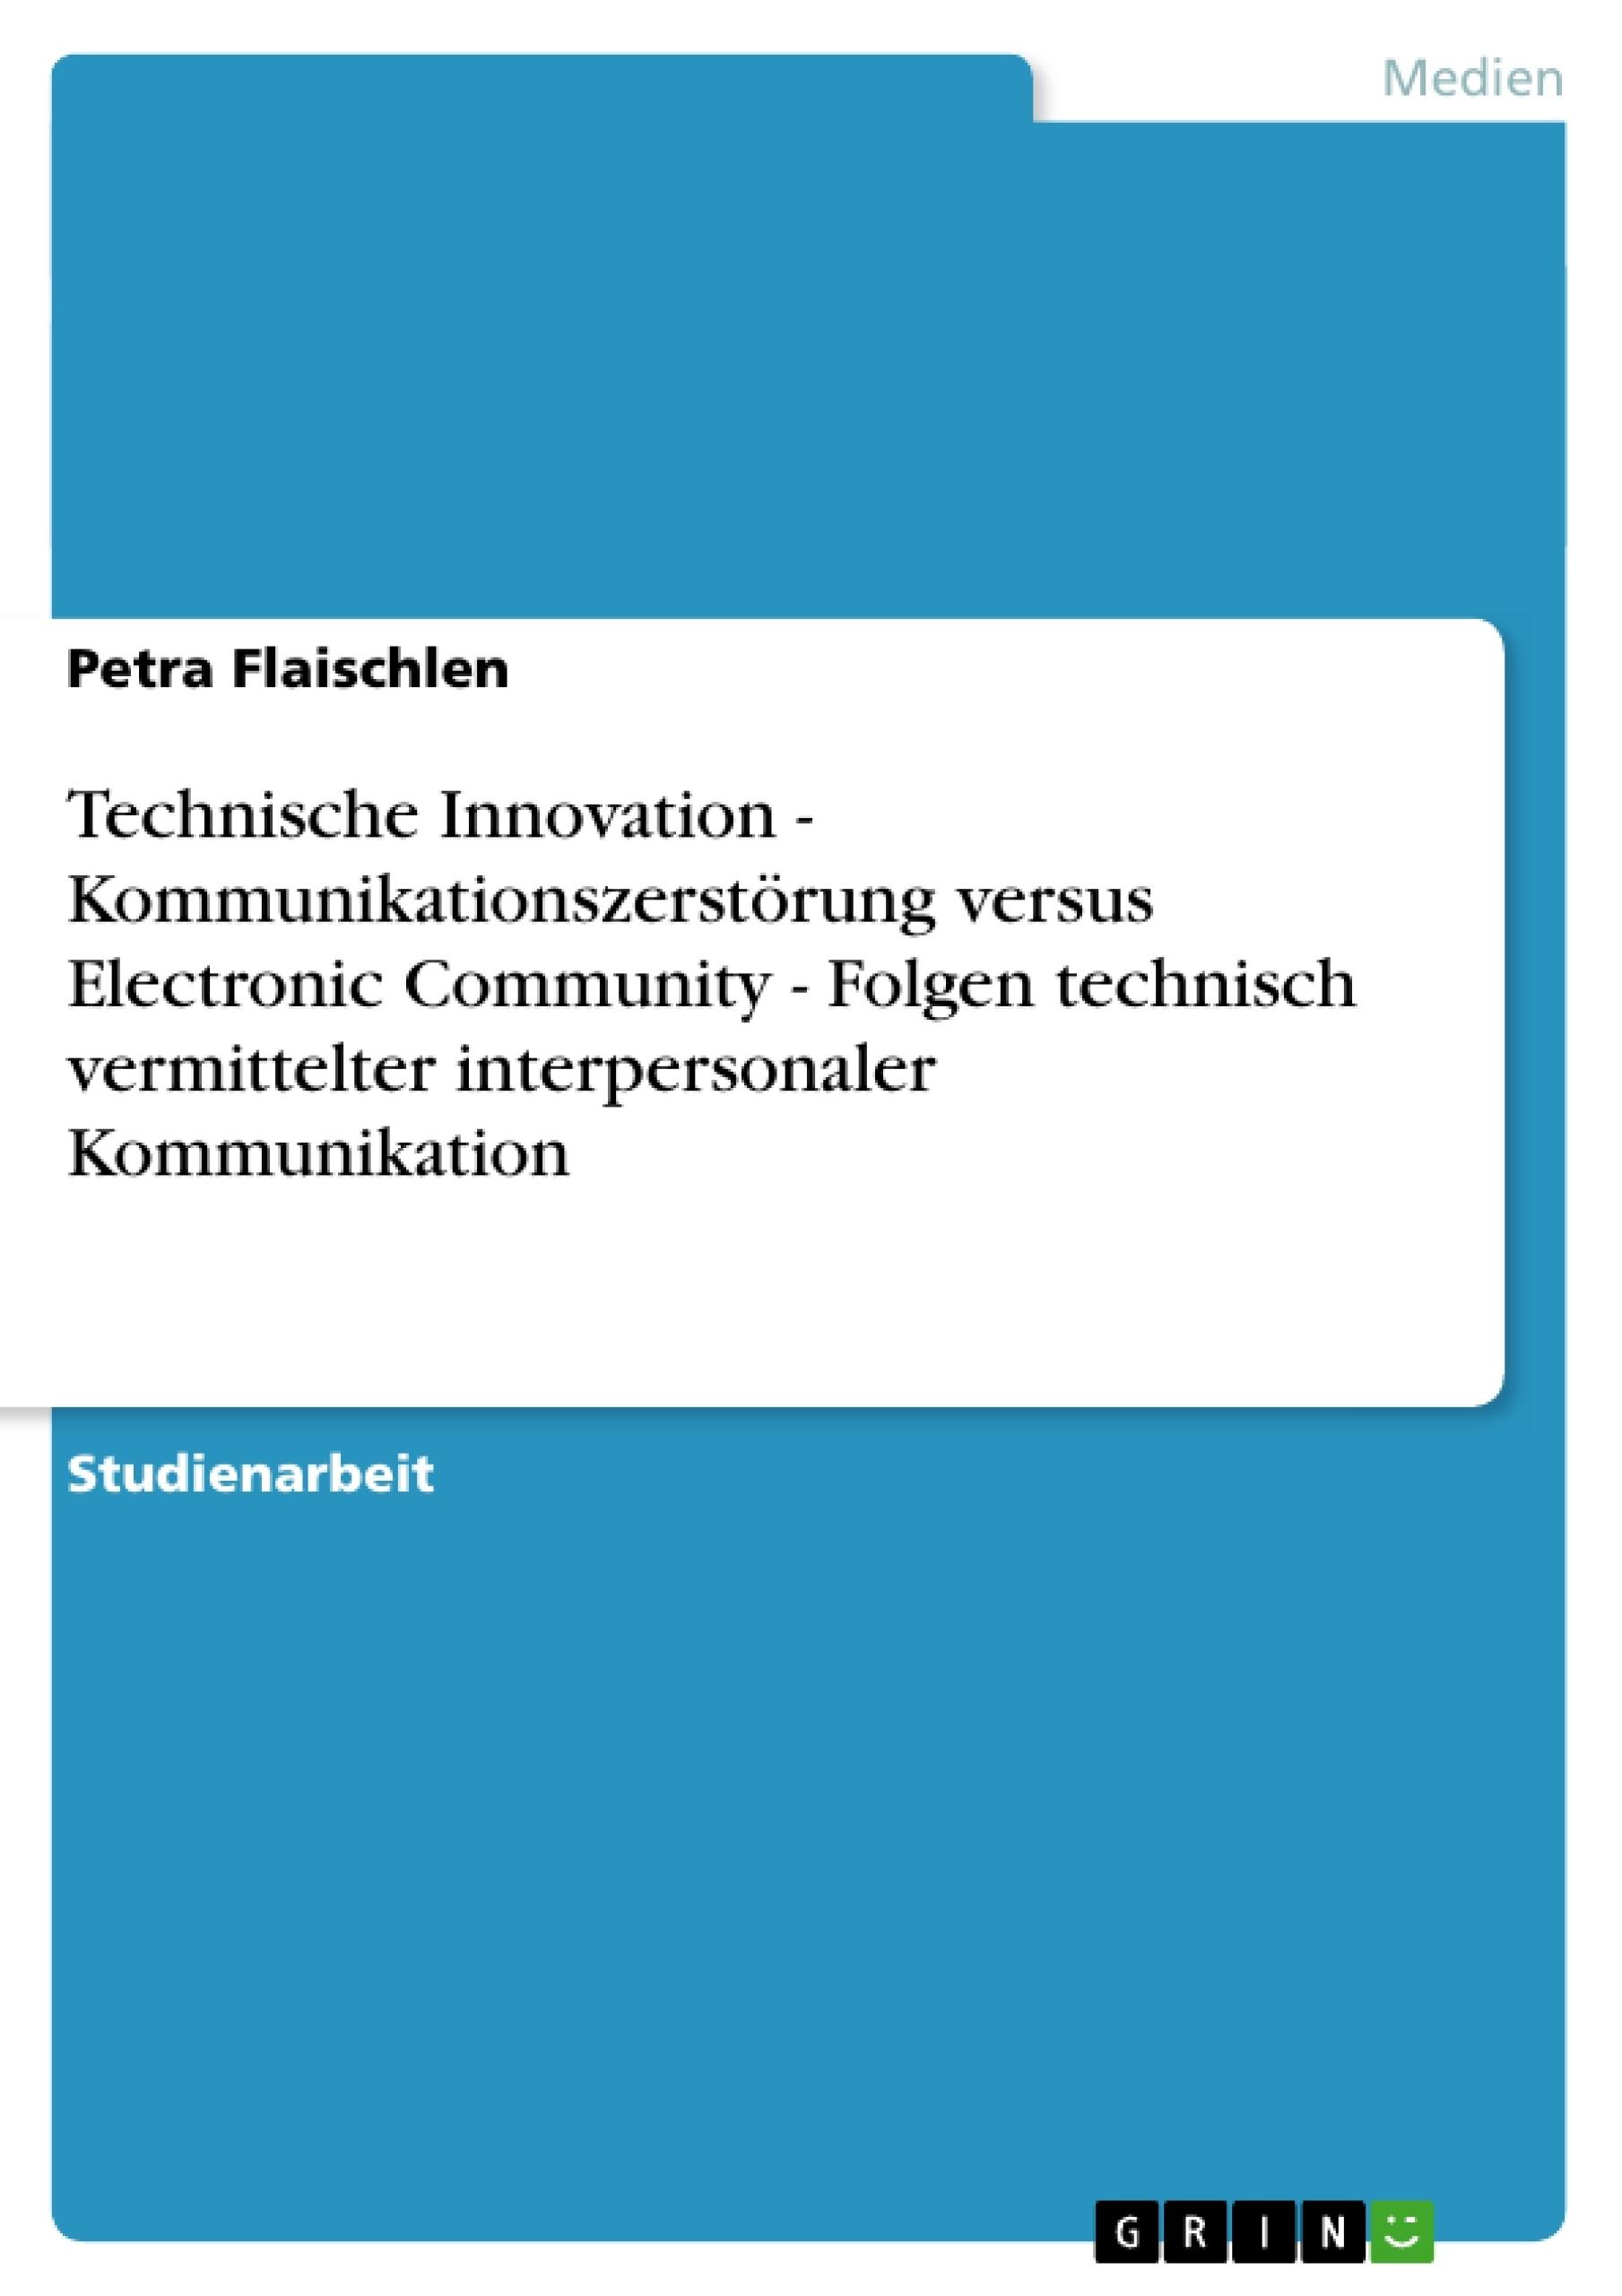 """www.flirtcafe.de - Der Verlierer unter den Partnerbörsen: """"Note 5 ..."""